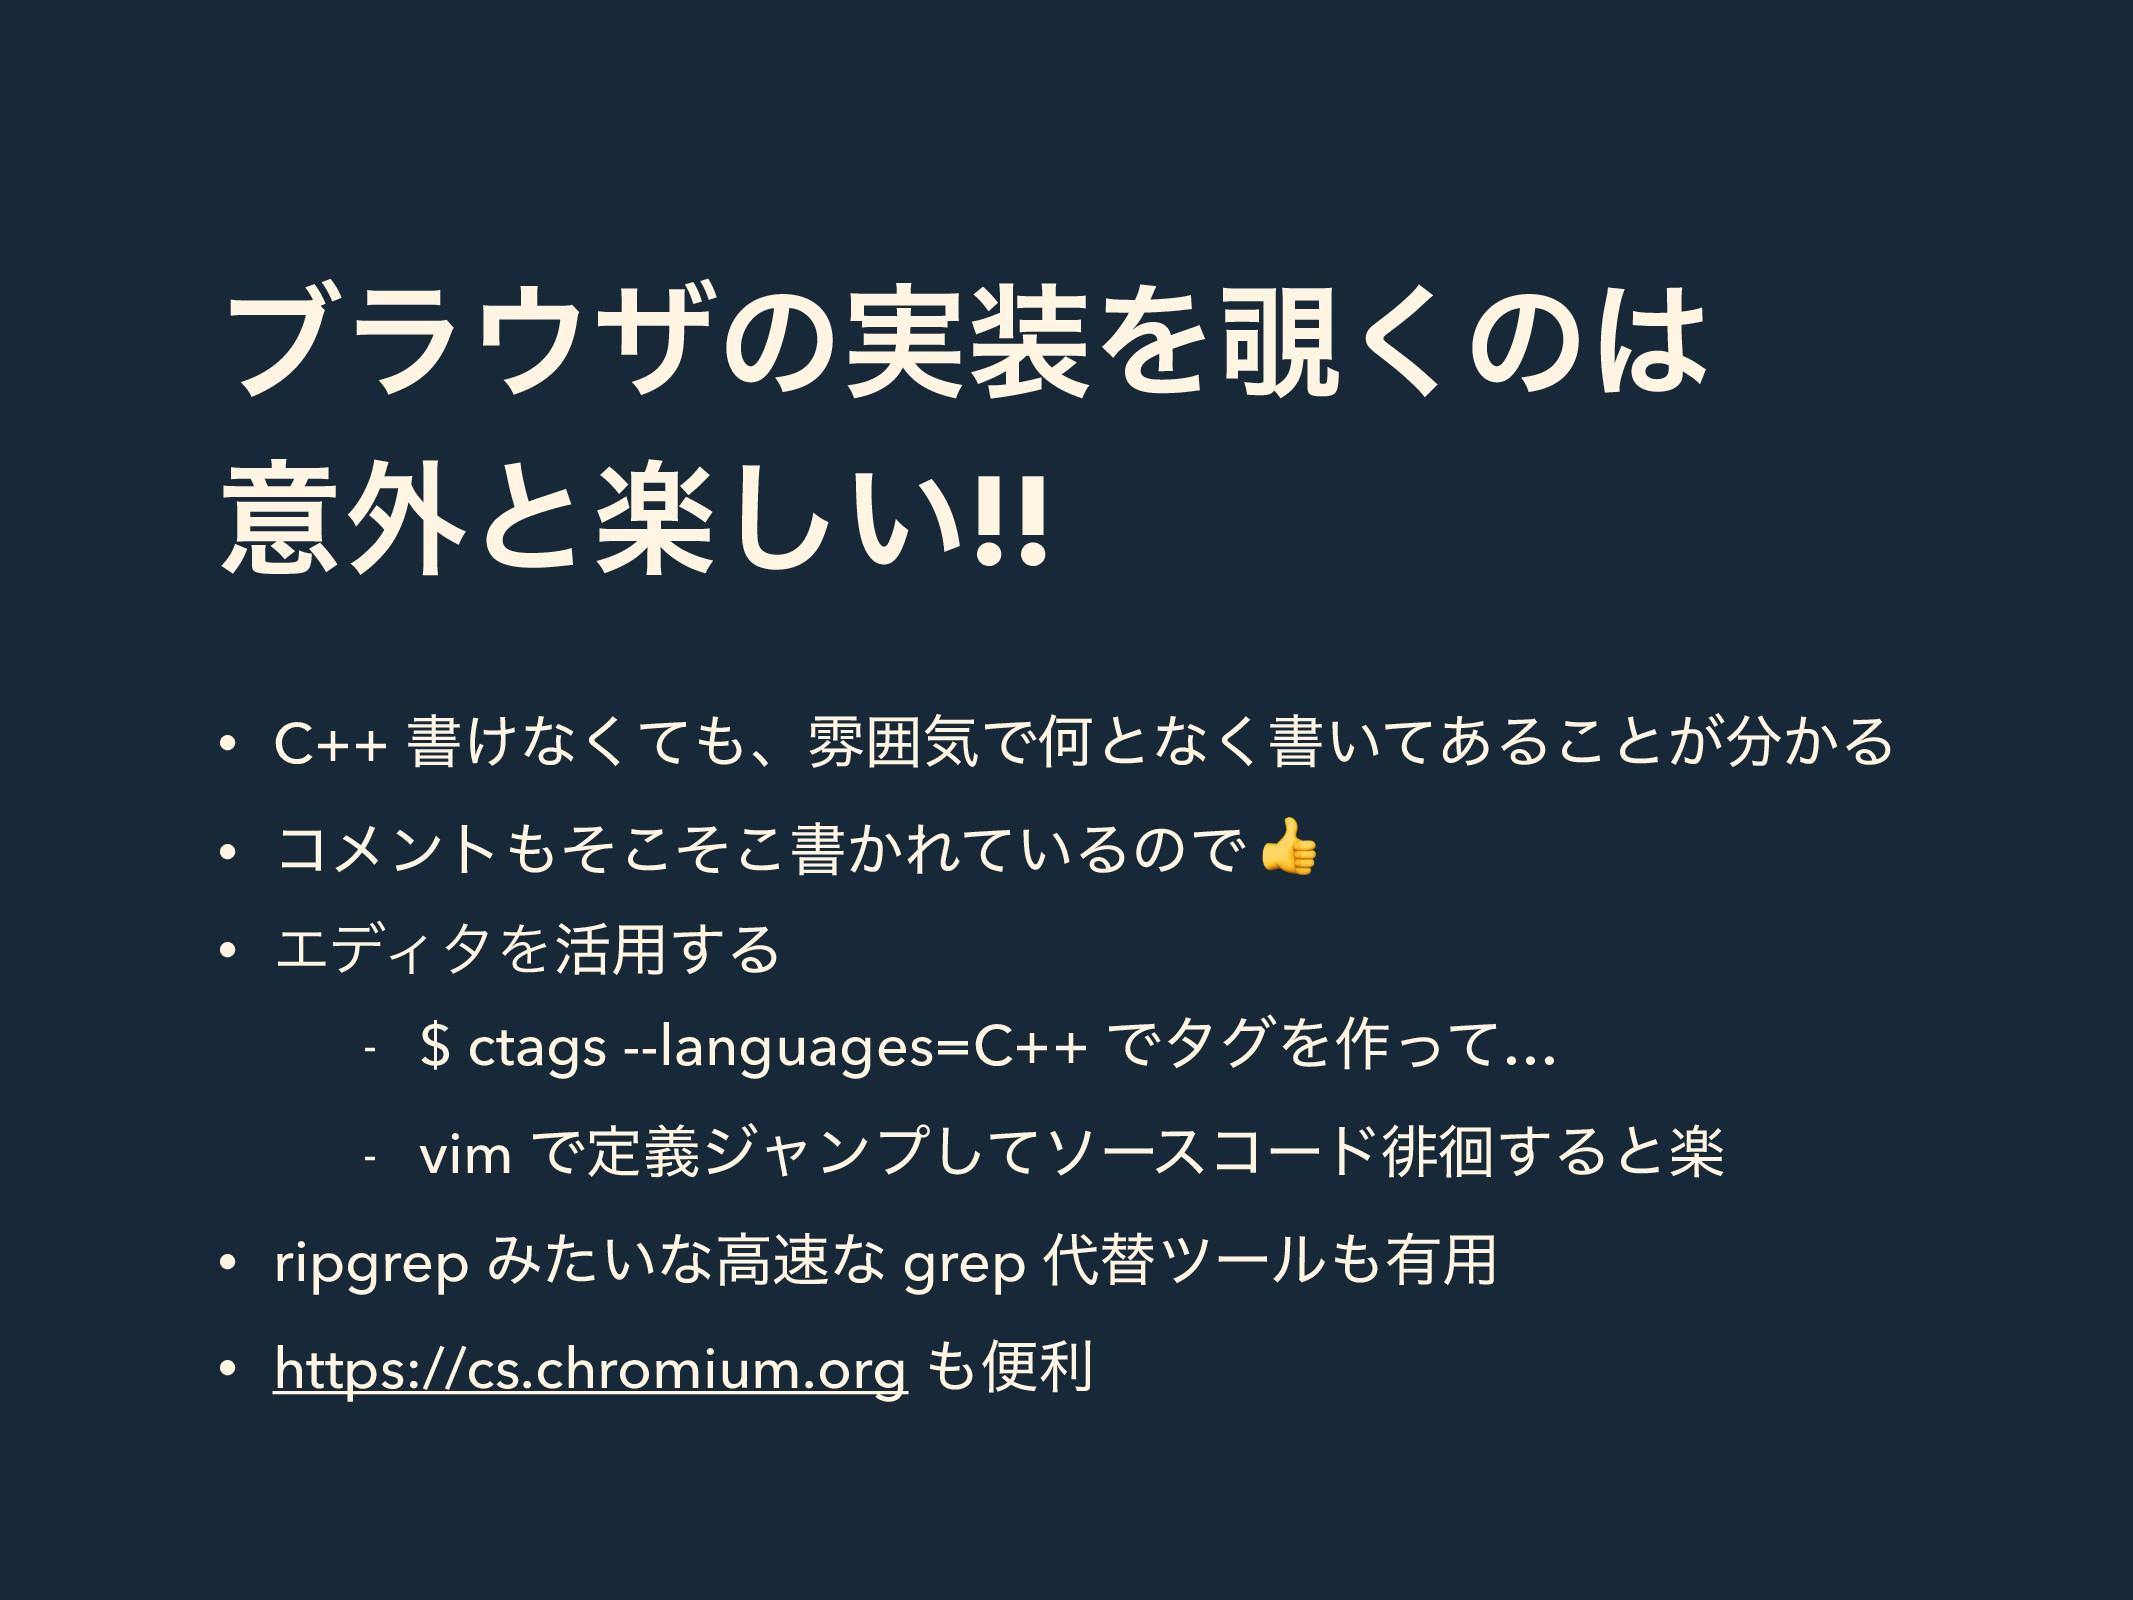 ϒϥβͷ࣮Λ͘ͷ ҙ֎ͱָ͍͠!! • C++ ॻ͚ͳͯ͘ɺงғؾͰԿͱͳ͘ॻ͍ͯ͋...